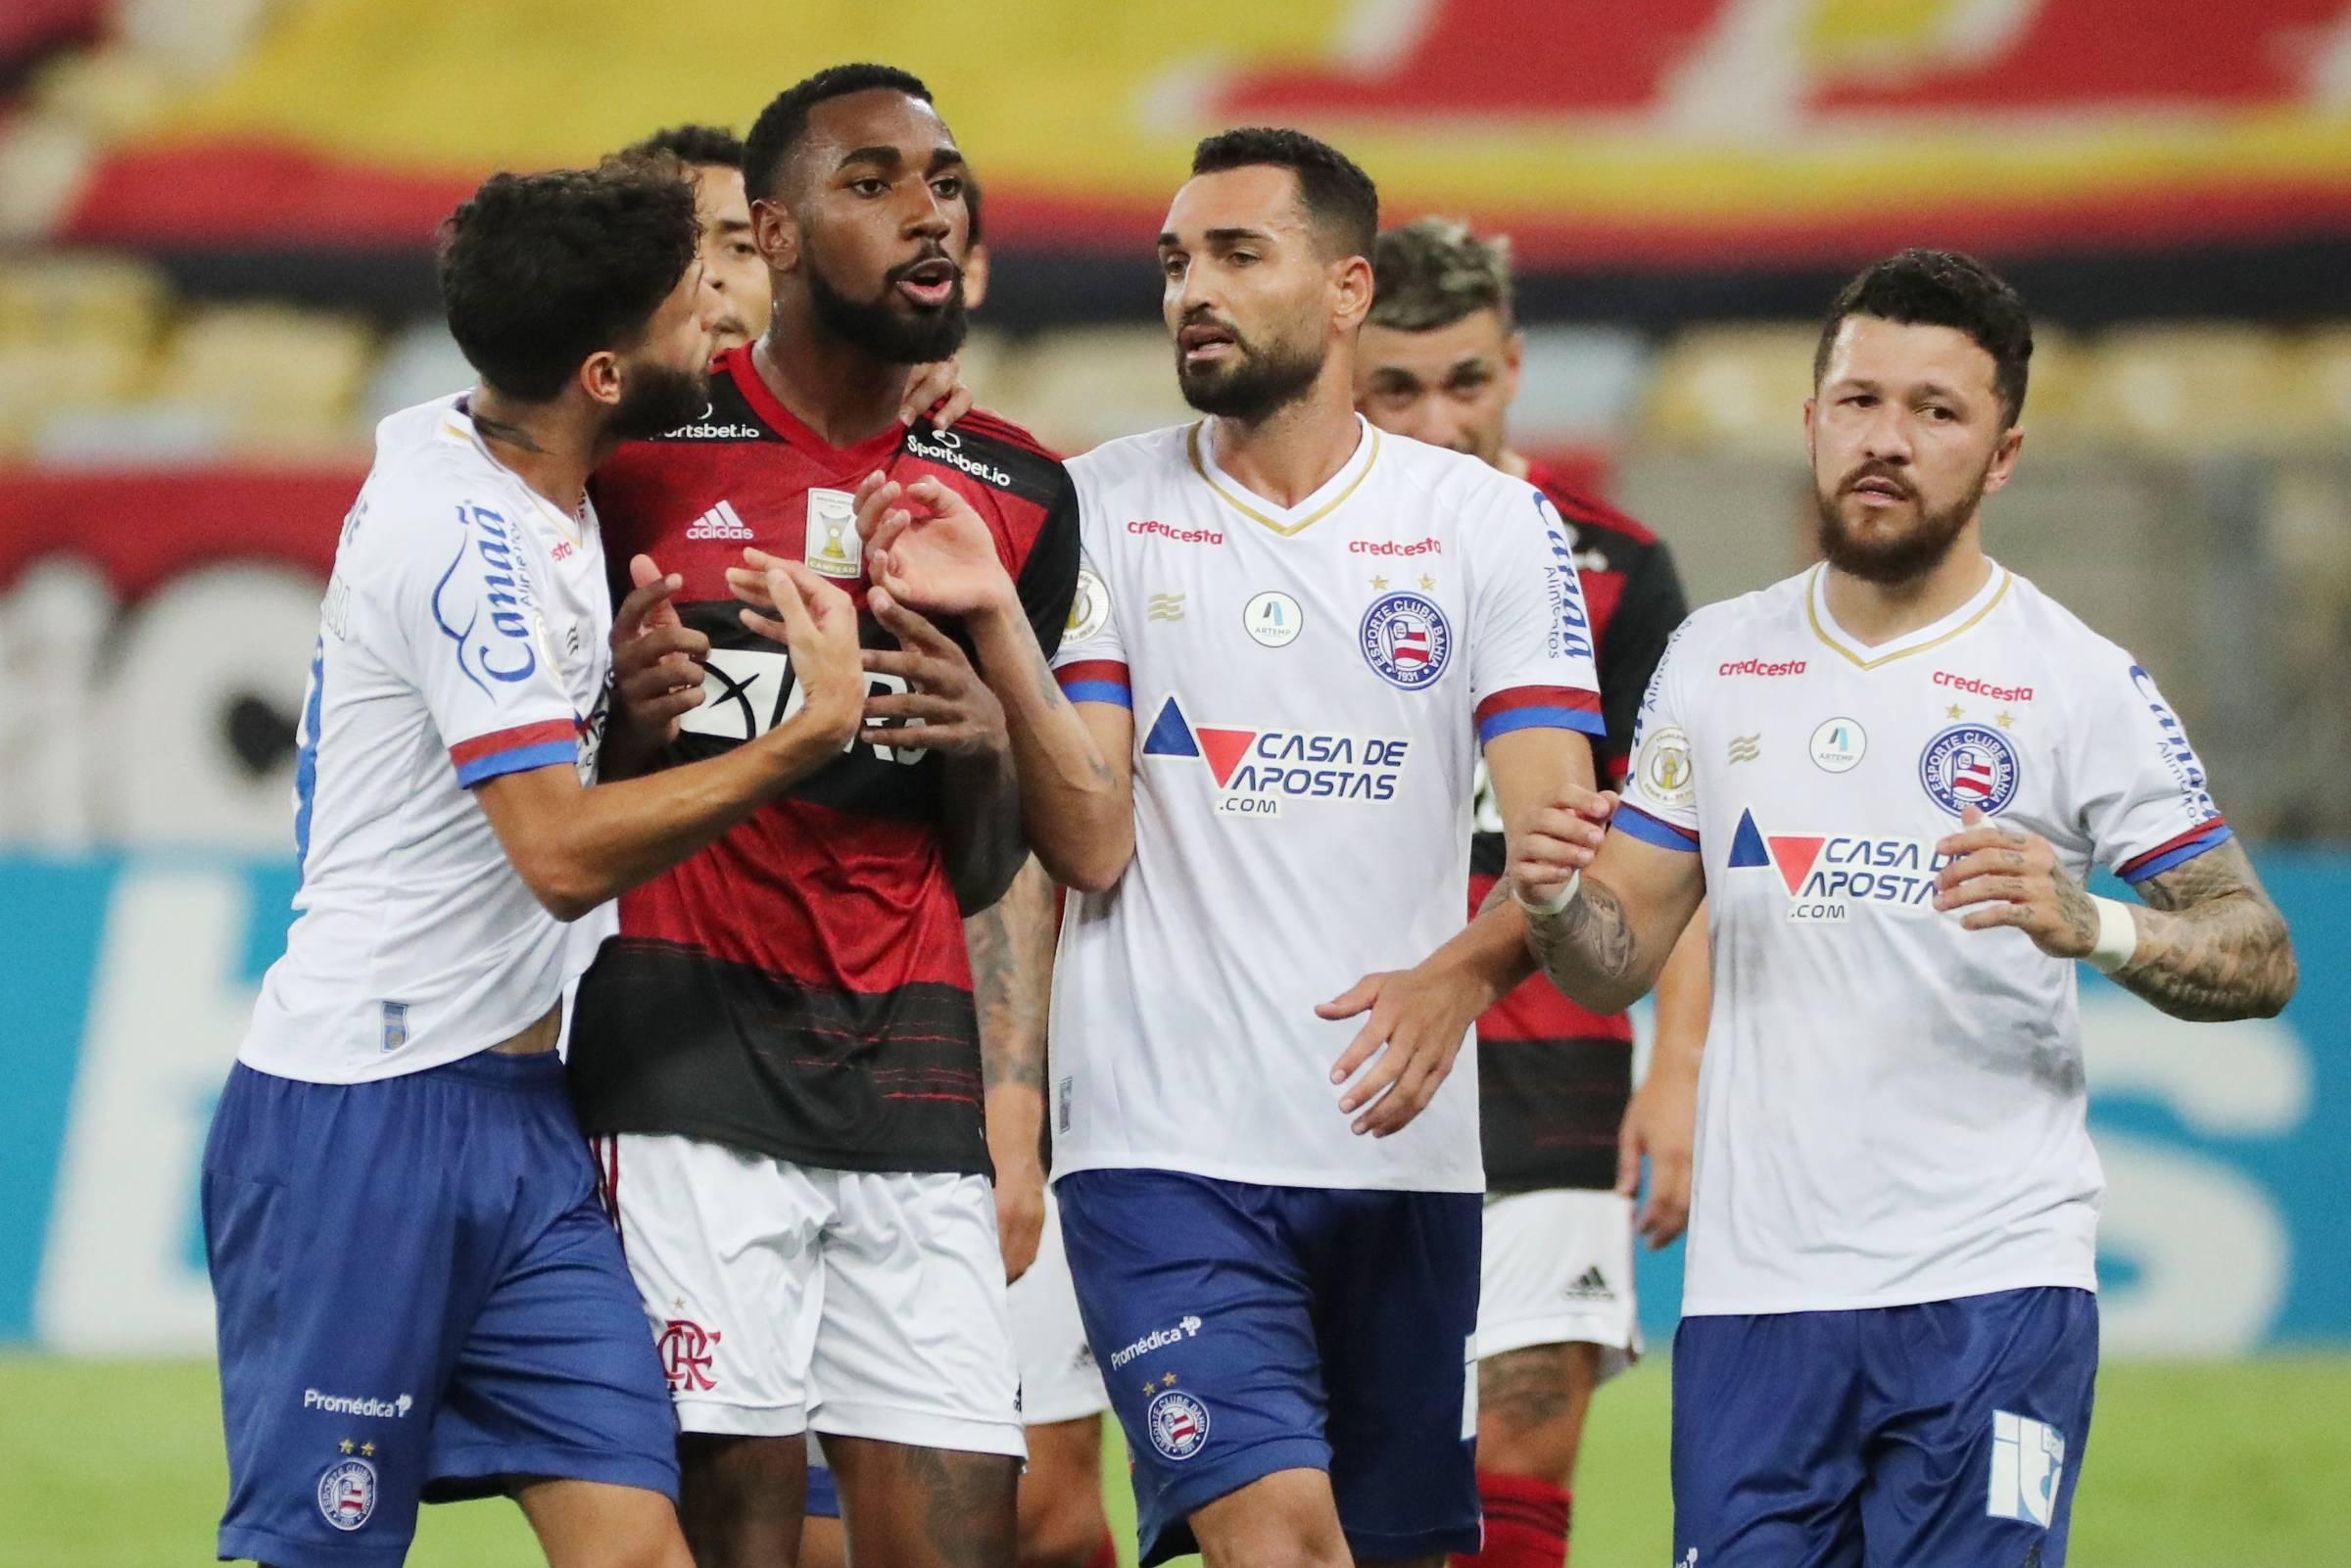 Polícia indicia Ramírez, do Bahia, por injúria racial contra Gerson, do Flamengo